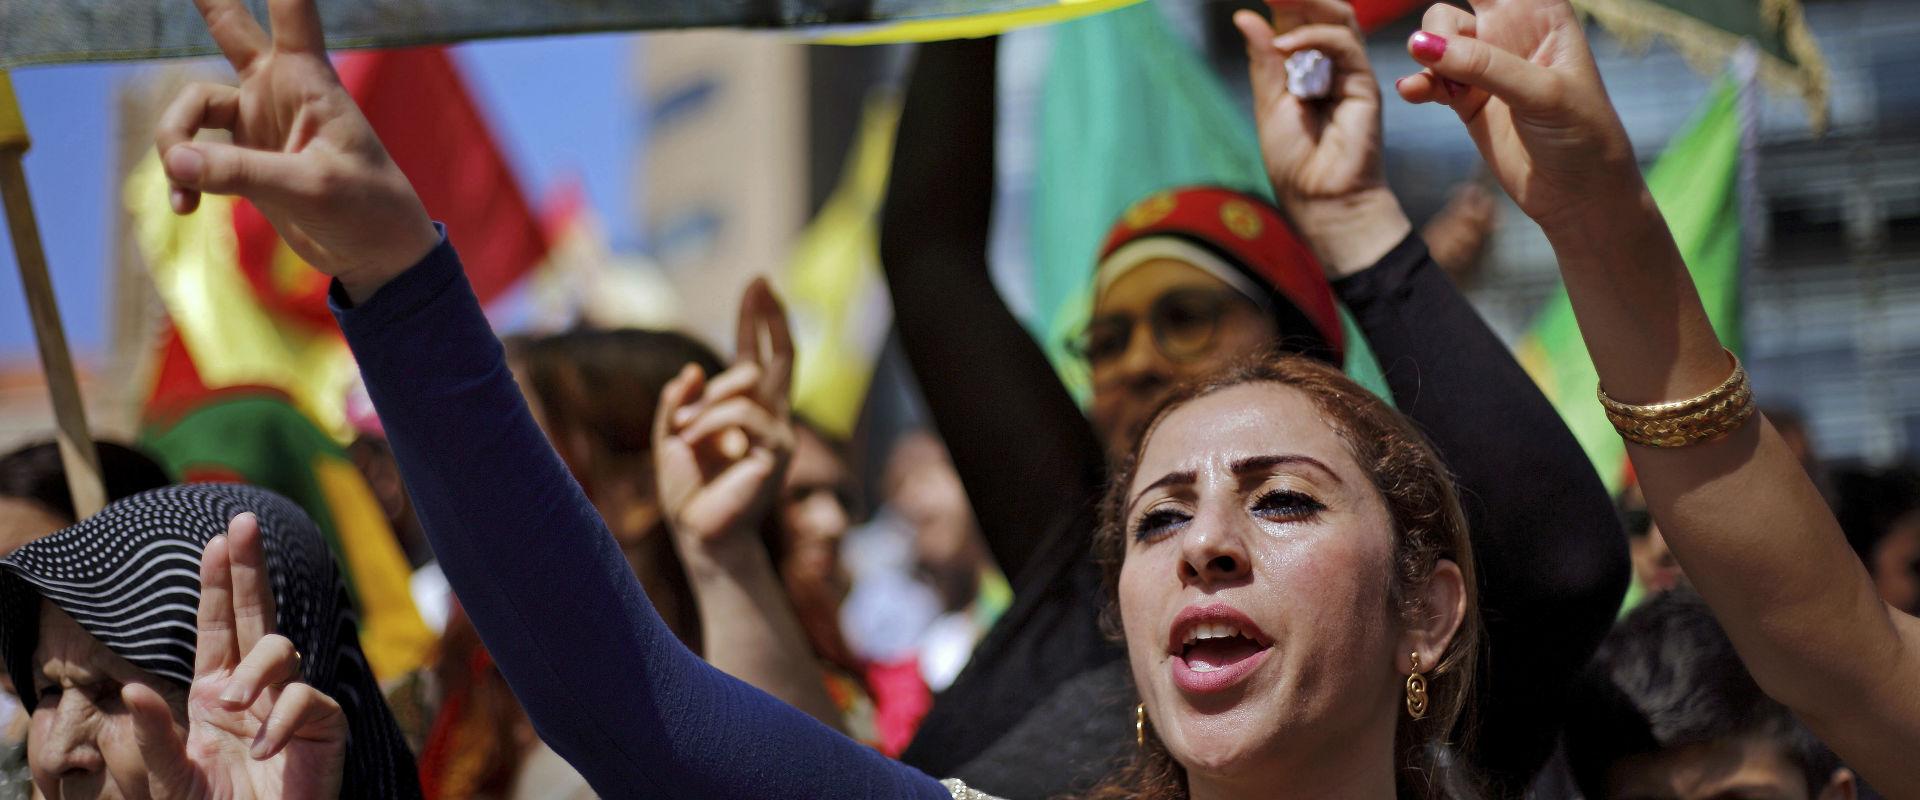 הפגנת כורדים בלבנון